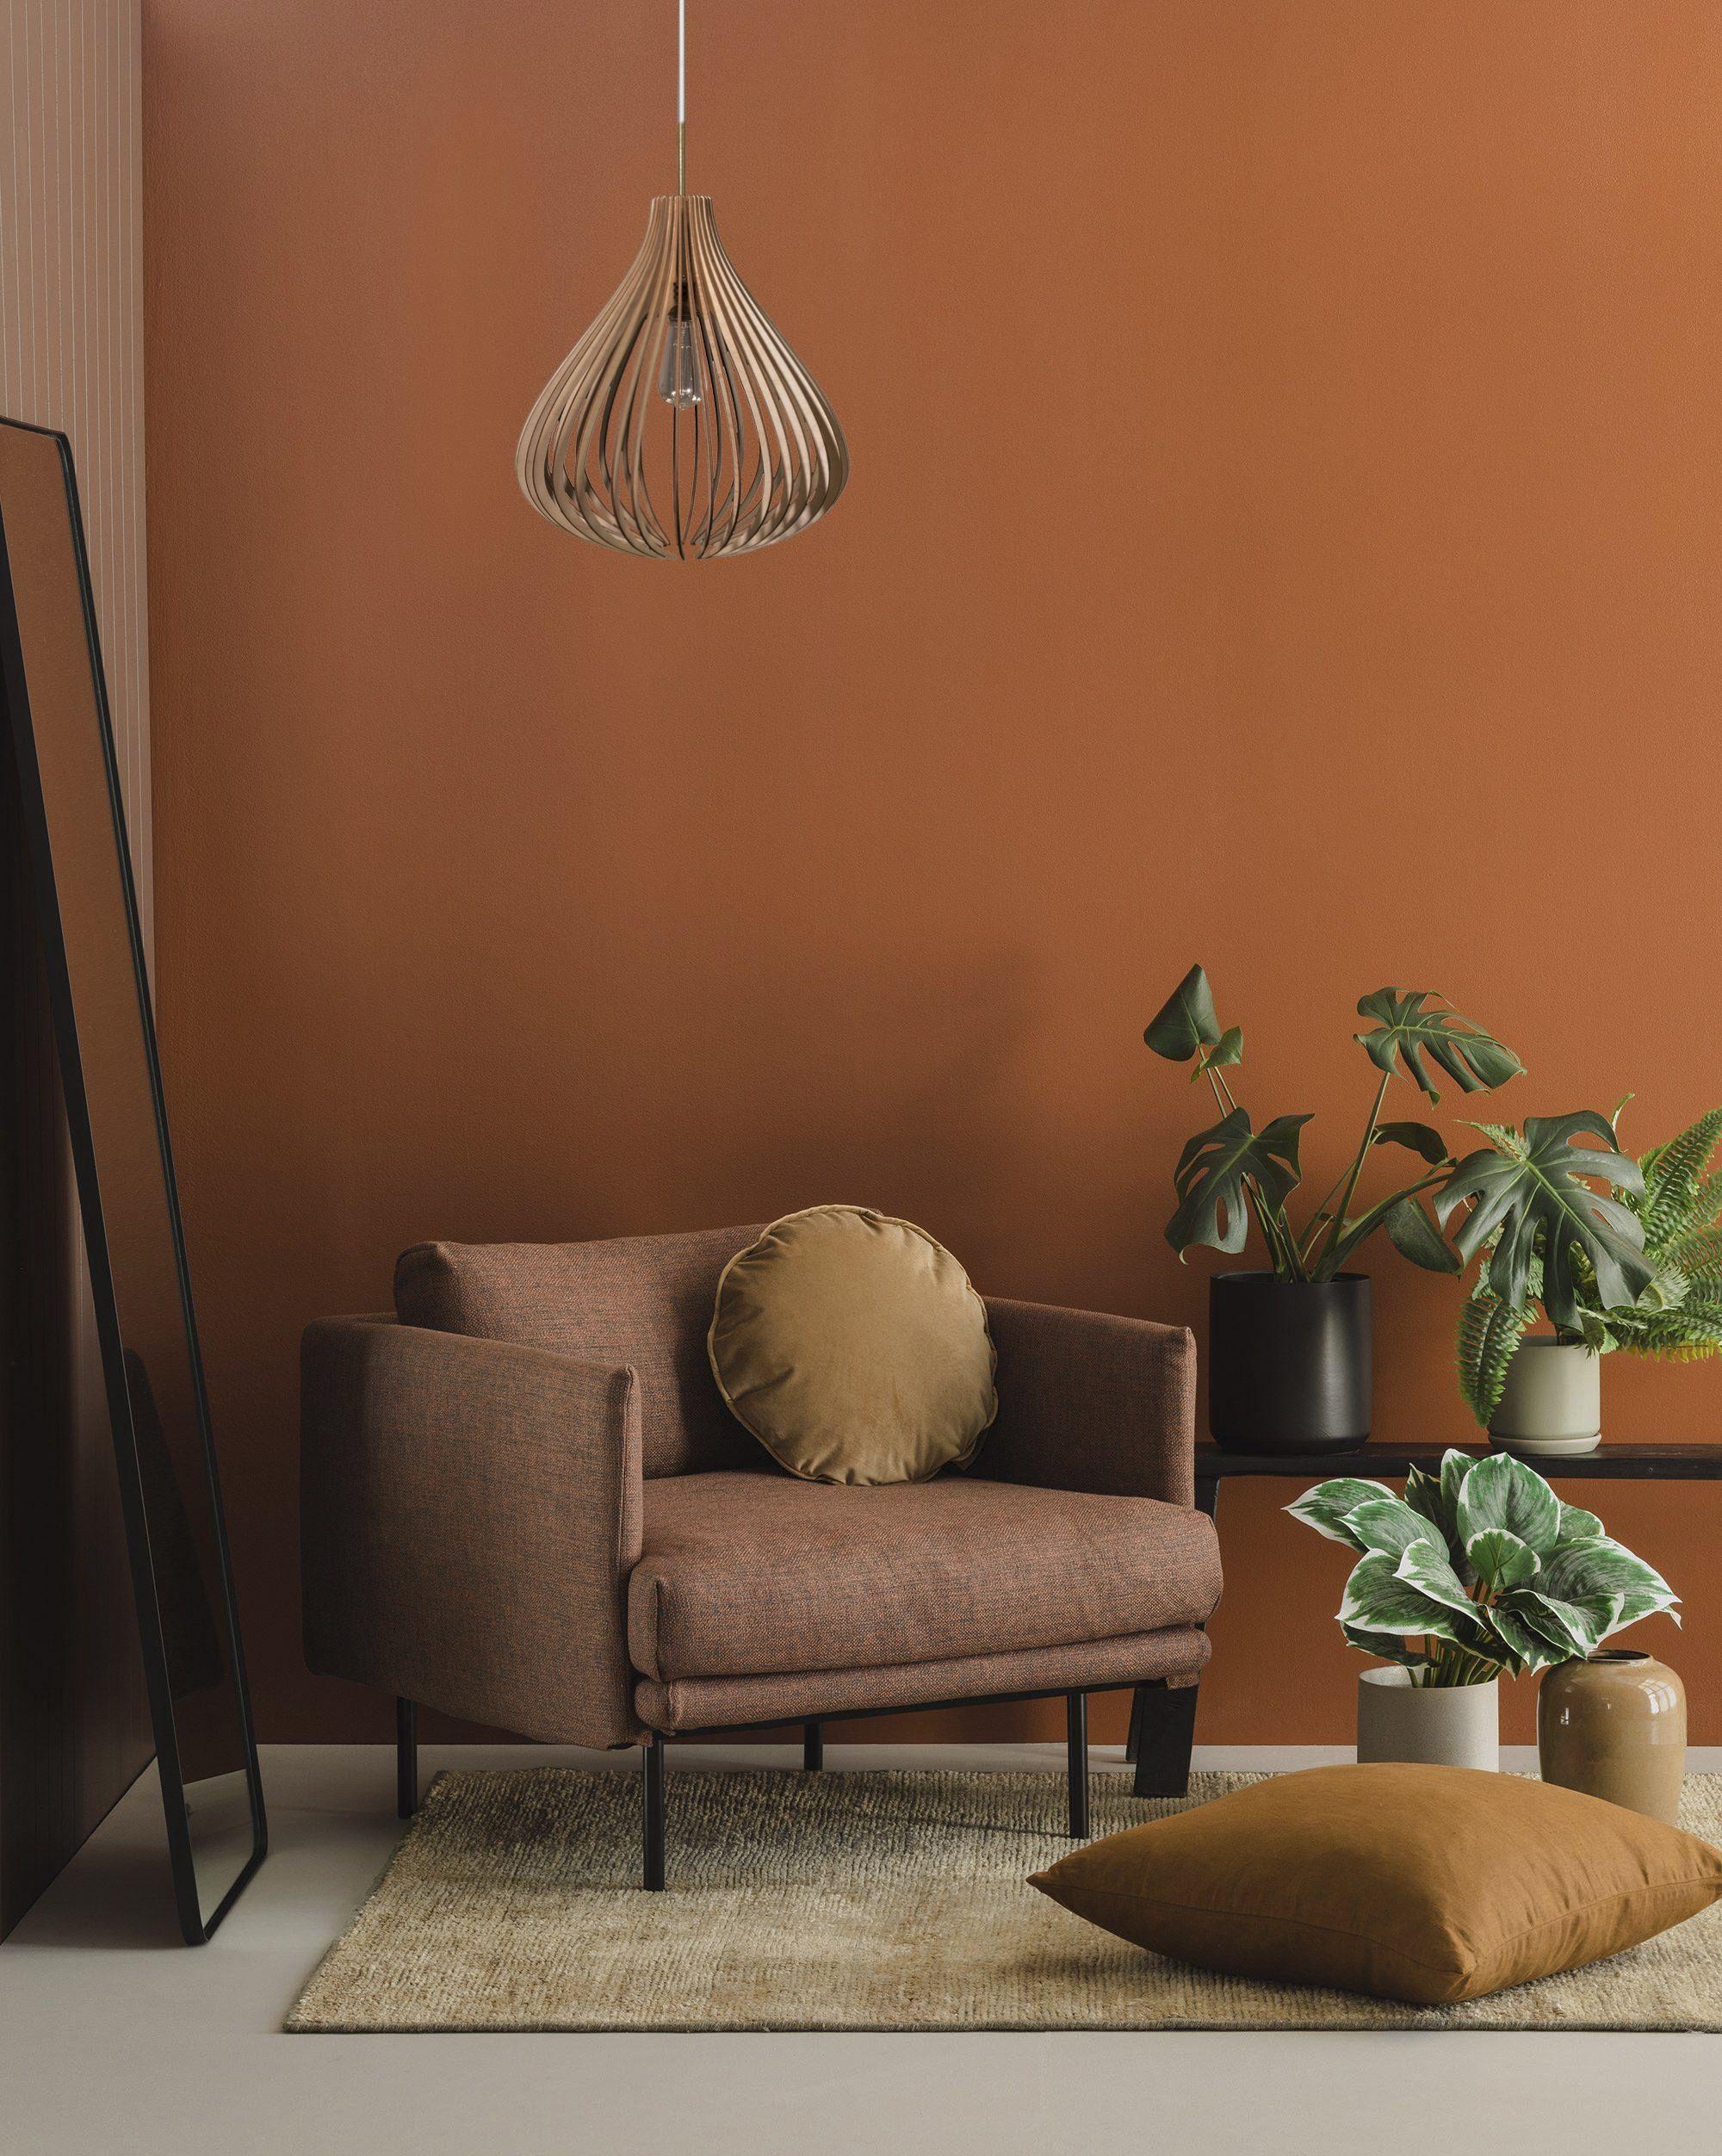 Wood Lamp / Wooden Lamp Shade / Hanging Lamp / Pen